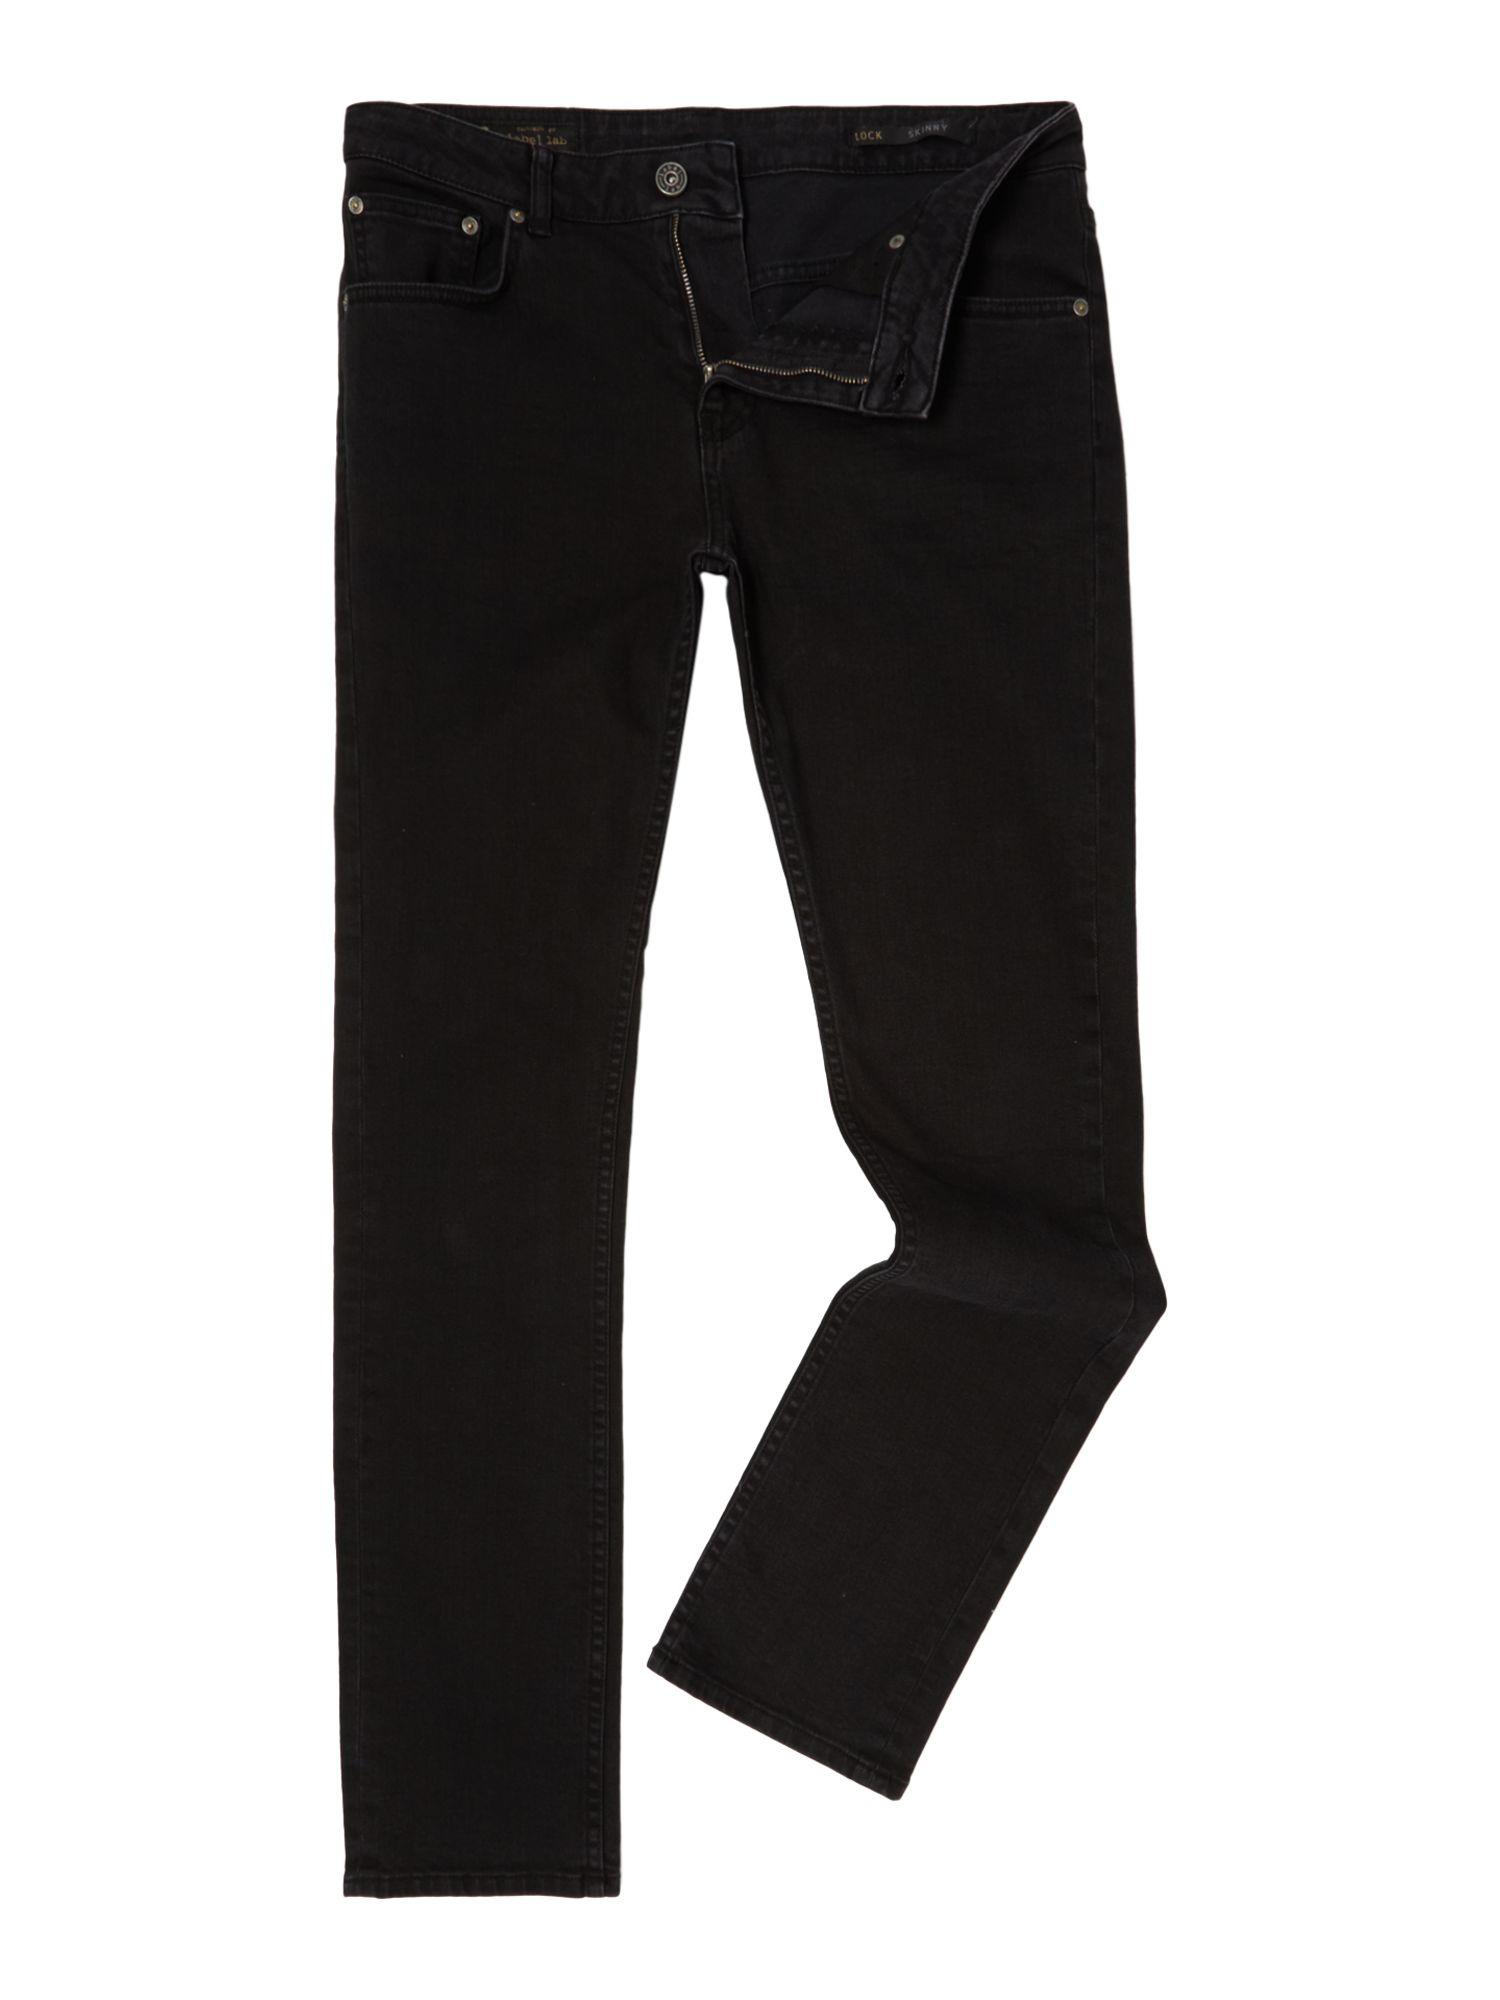 Label Lab Denim Lock Black Skinny Jean for Men